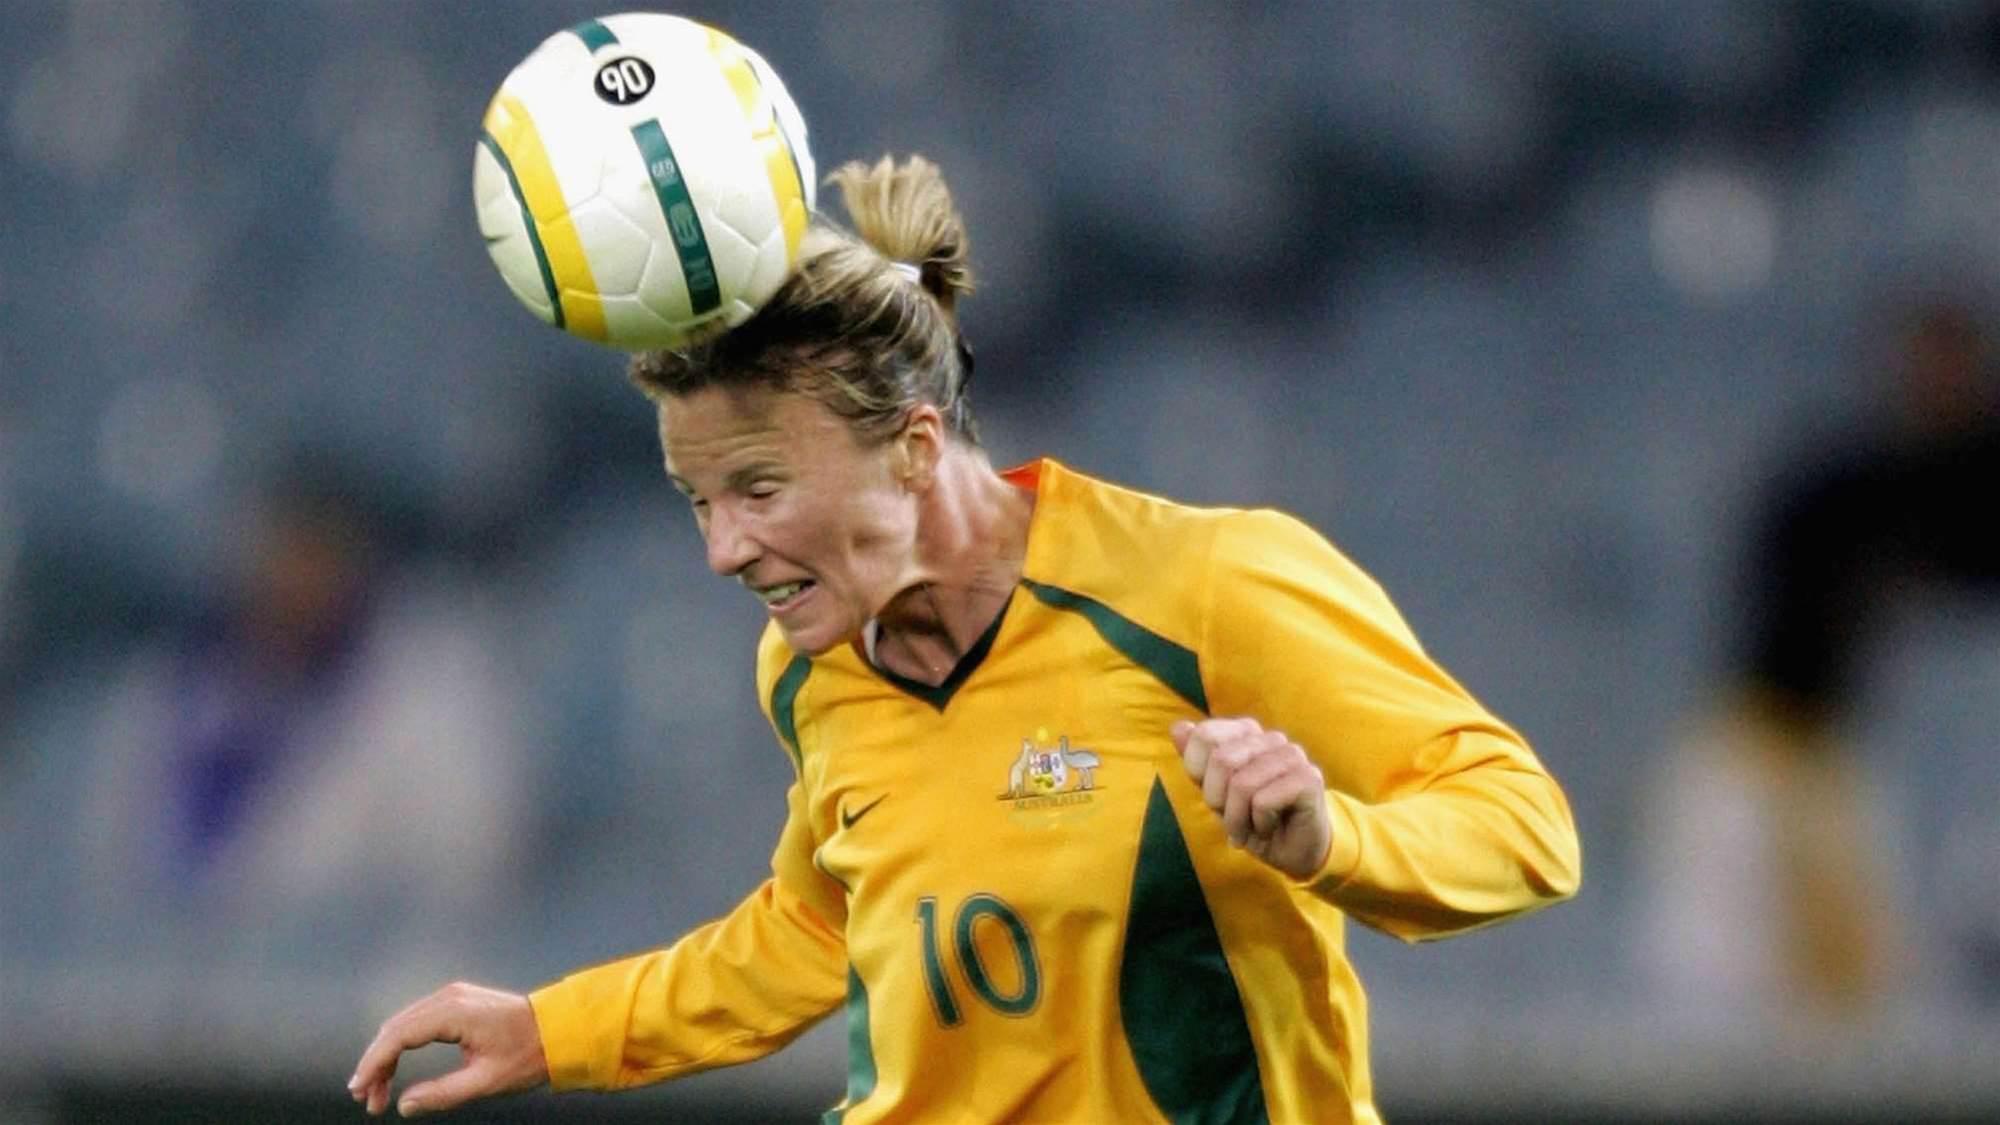 Matildas' gold ambition dampener